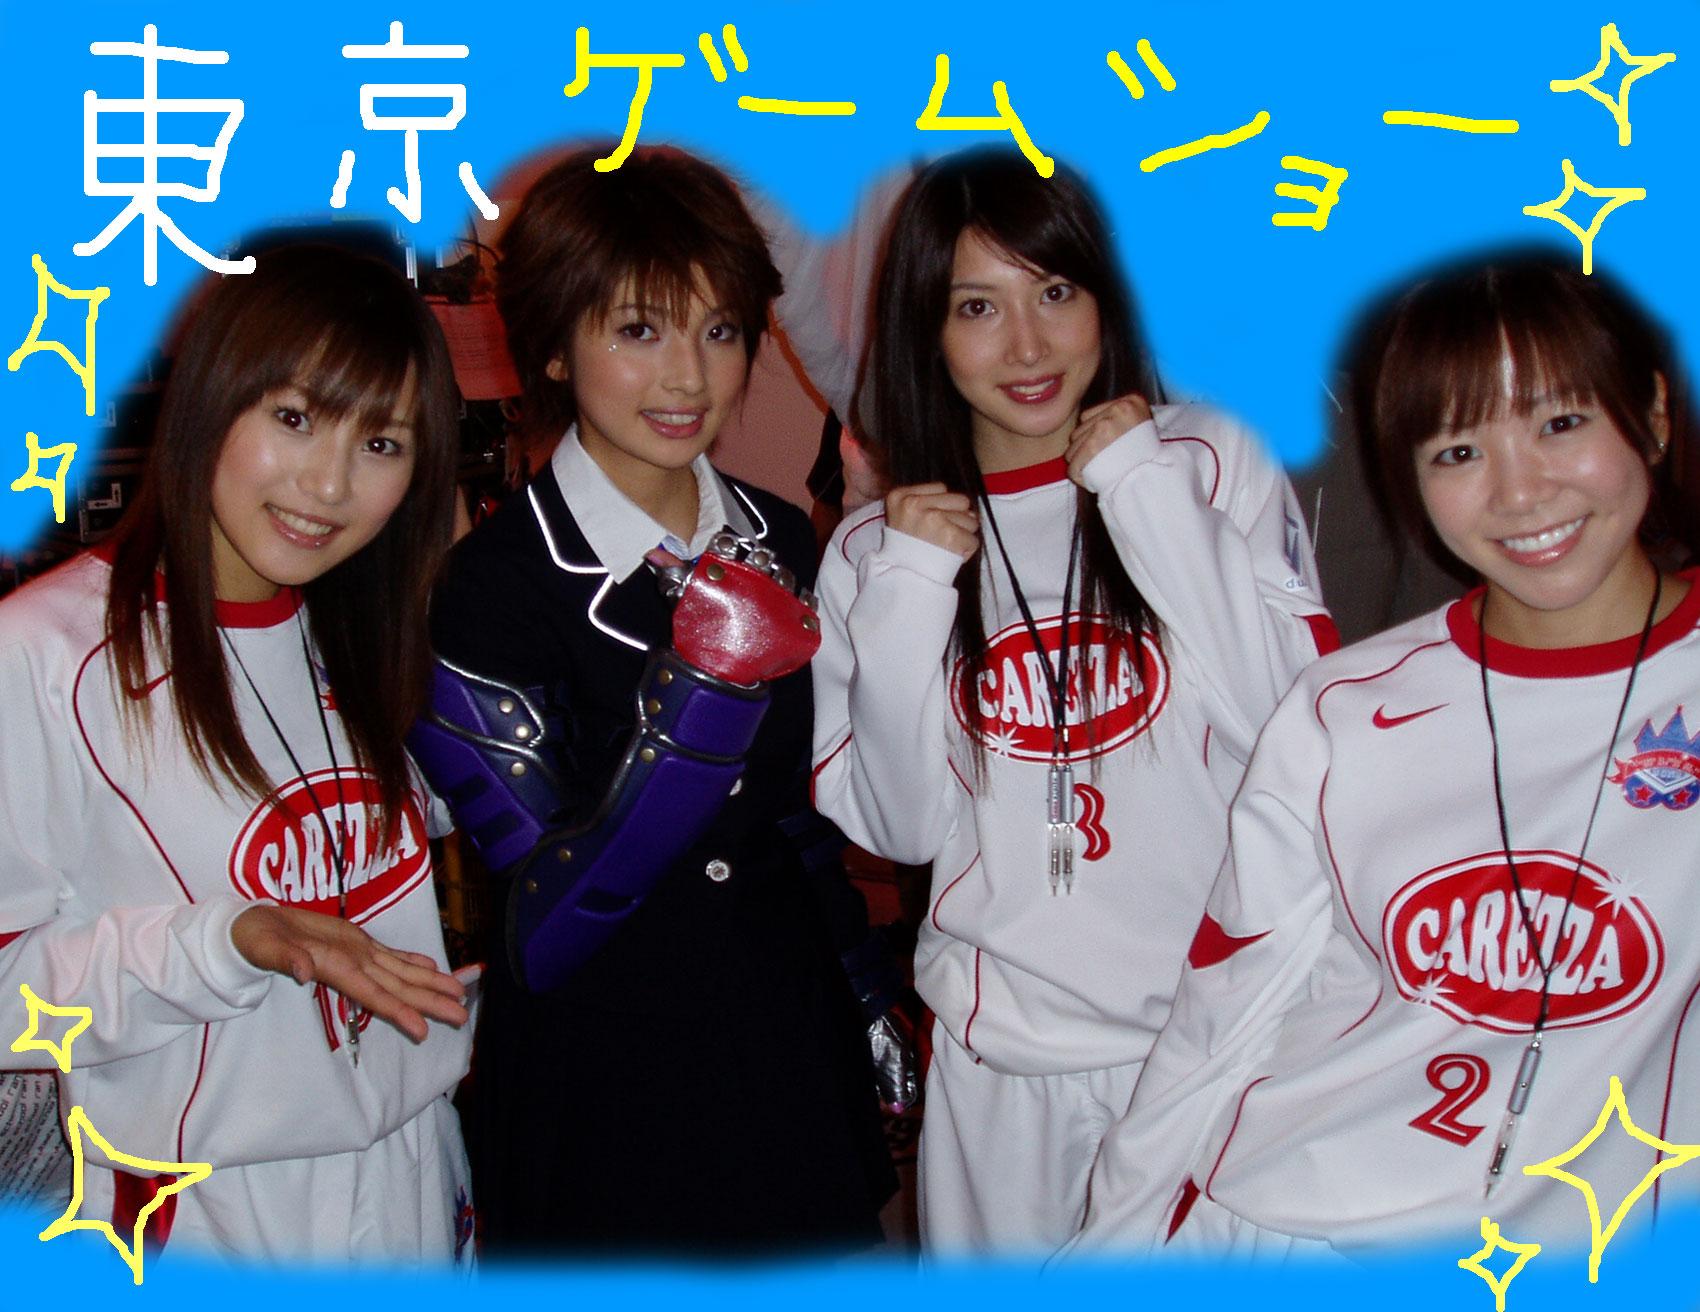 ゲームショー(☆。☆)_c0038100_135432.jpg